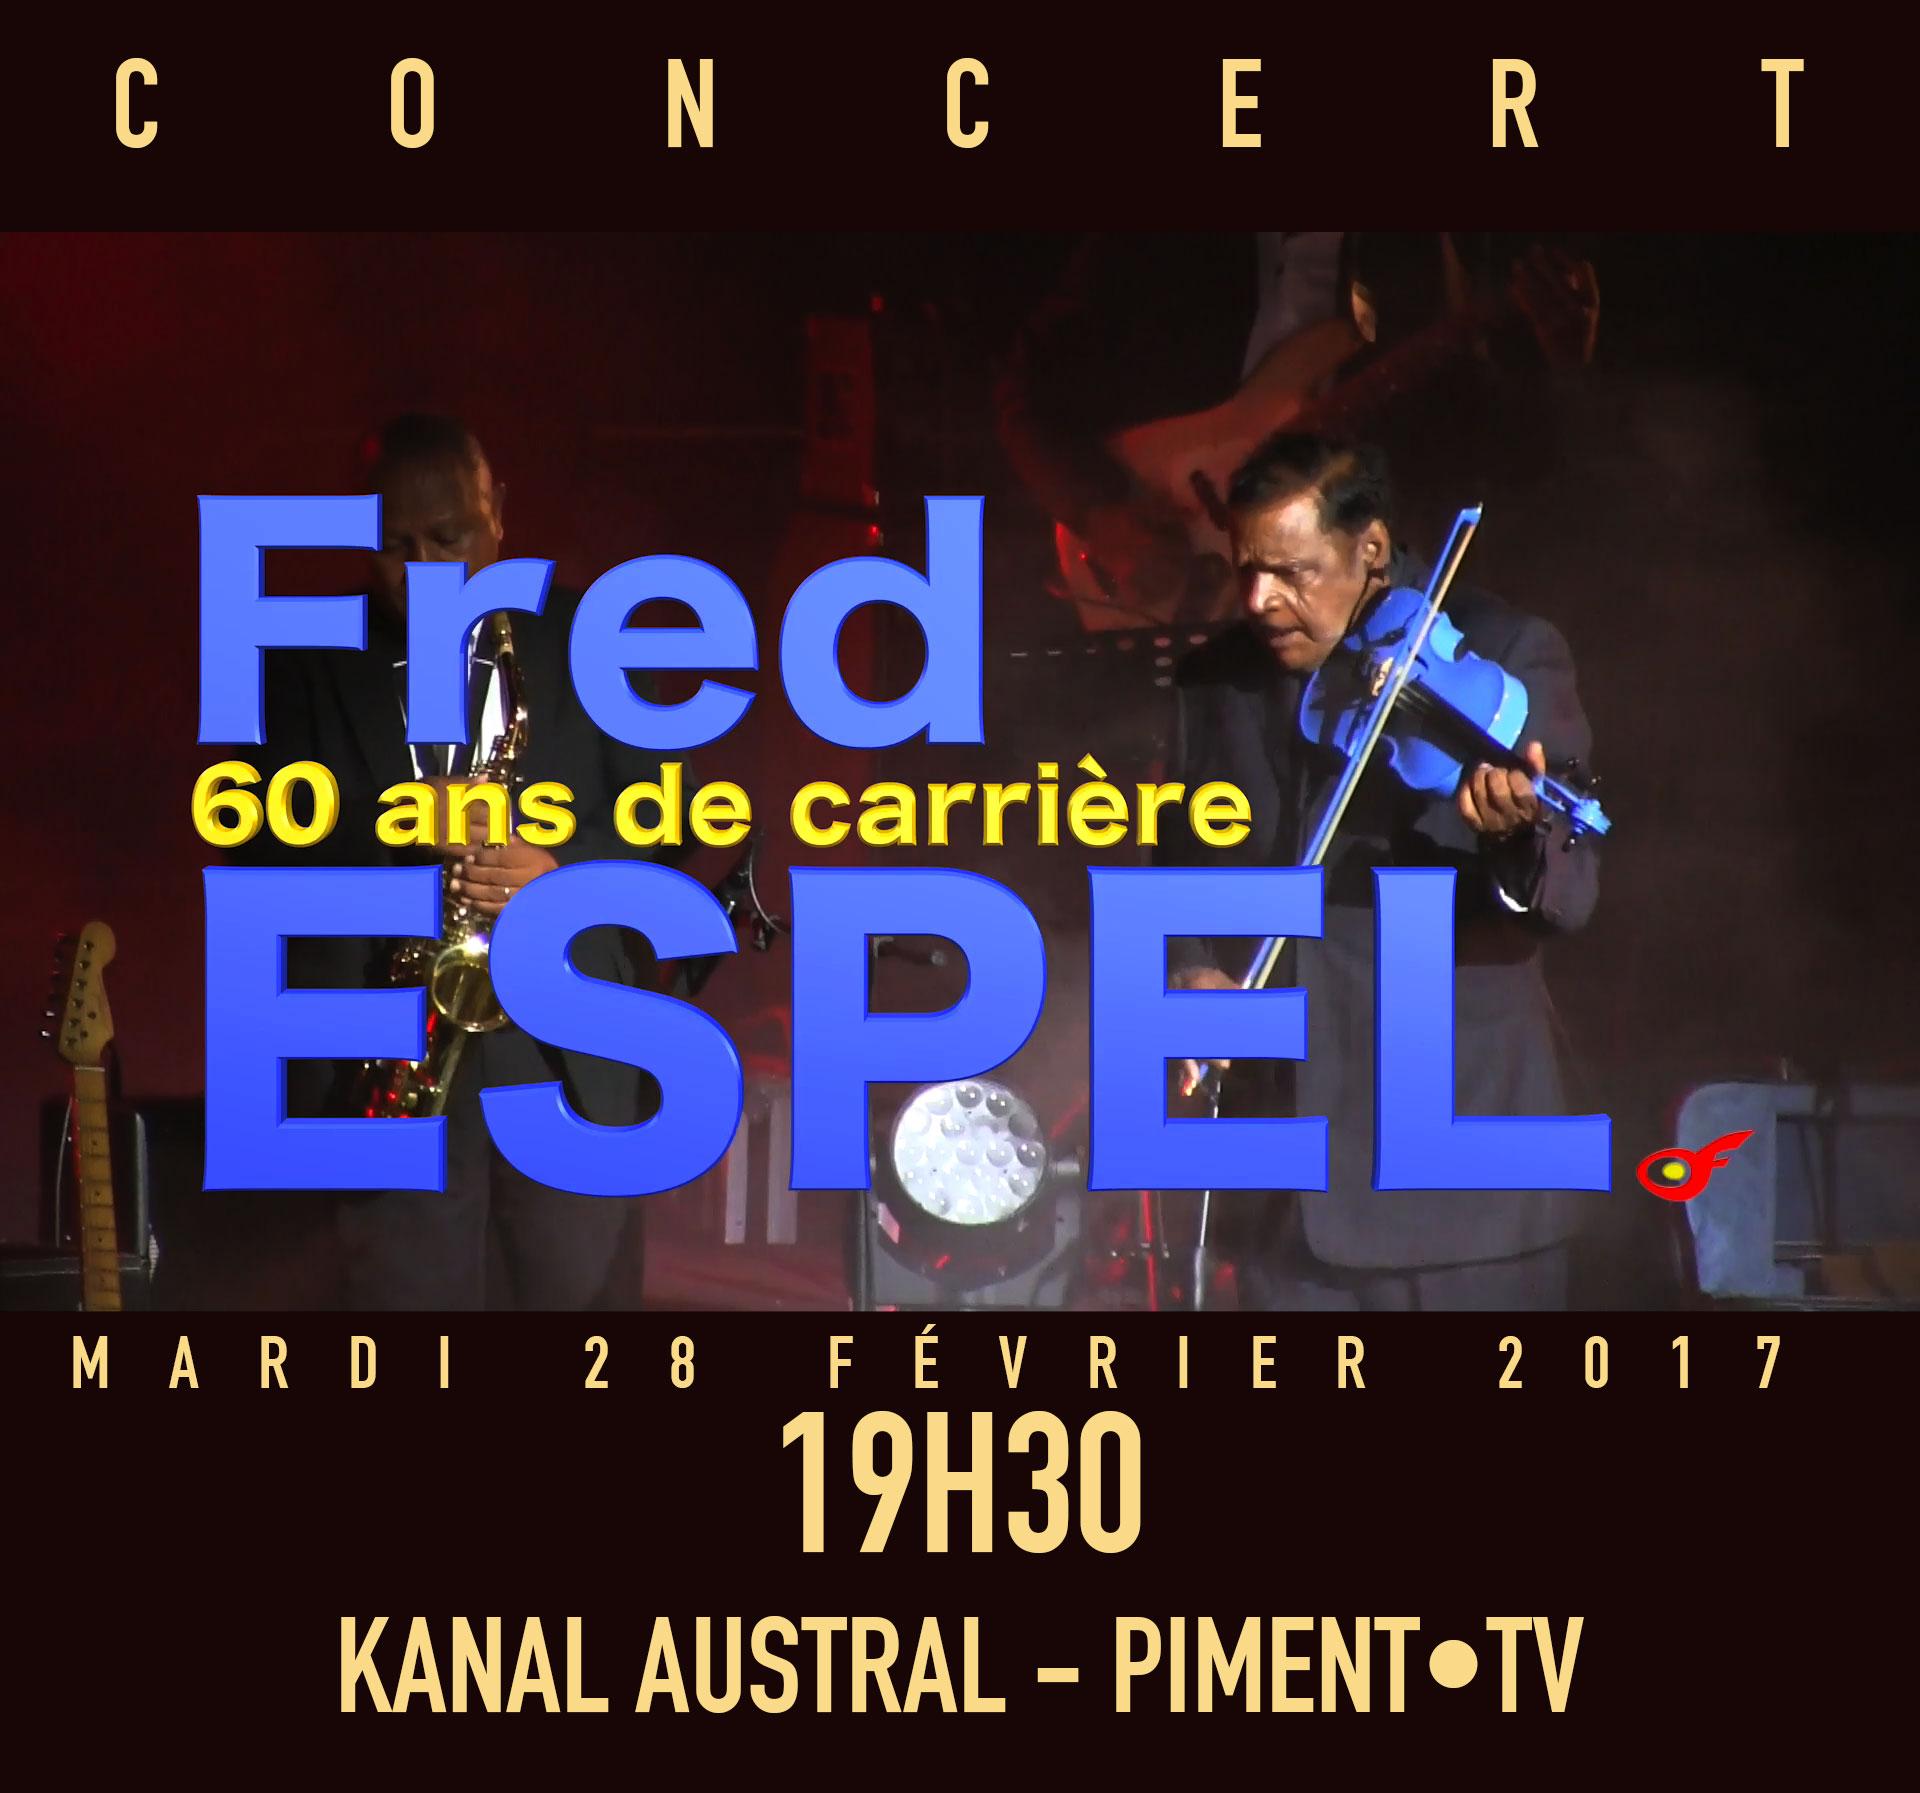 Fred ESPEL : 60 ans de carrière